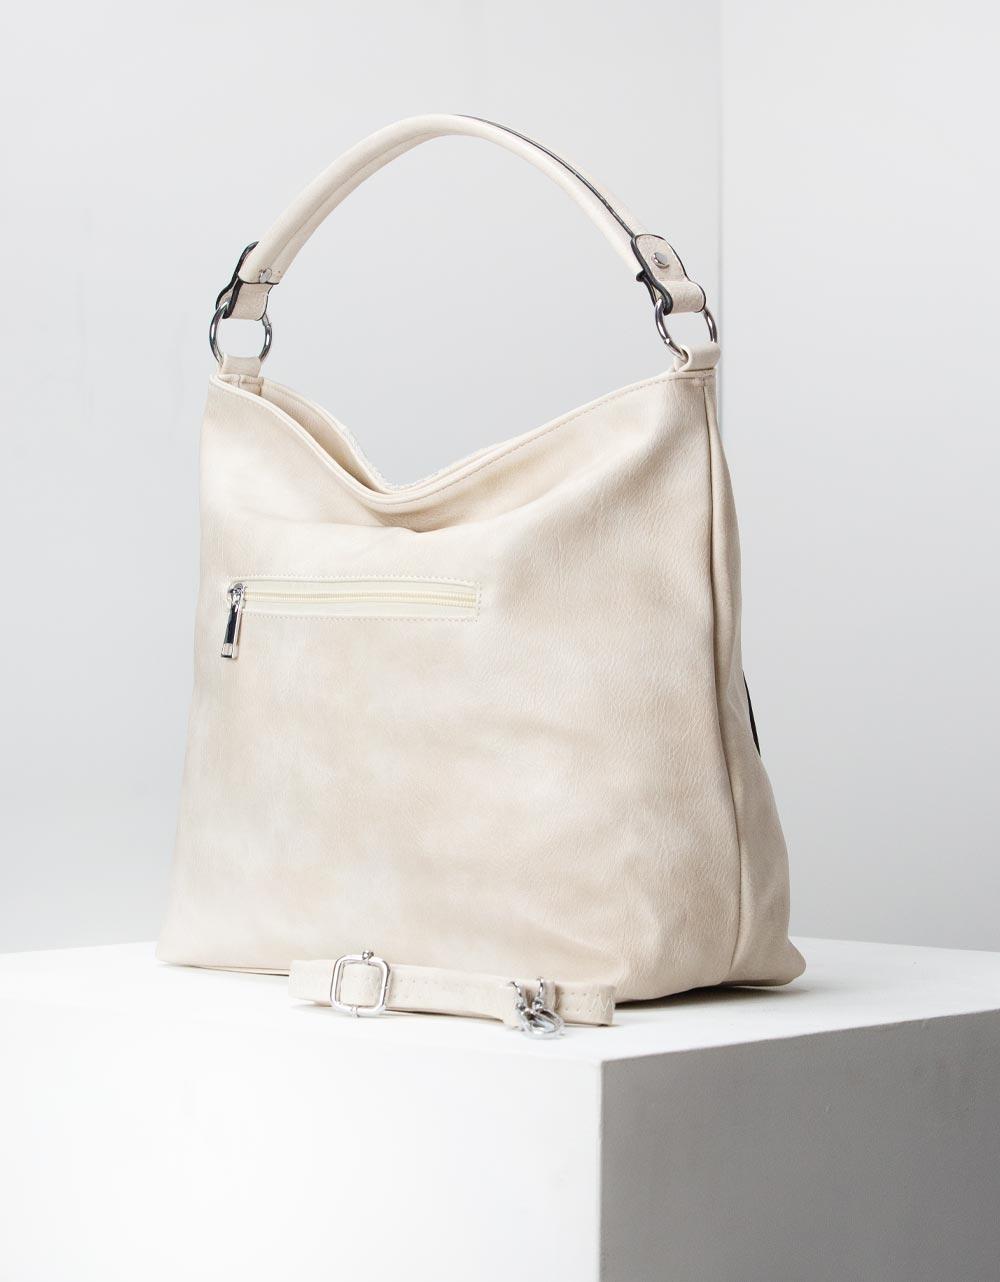 Εικόνα από Γυναικεία τσάντα ώμου με ανάγλυφες λεπτομέρειες Μπεζ